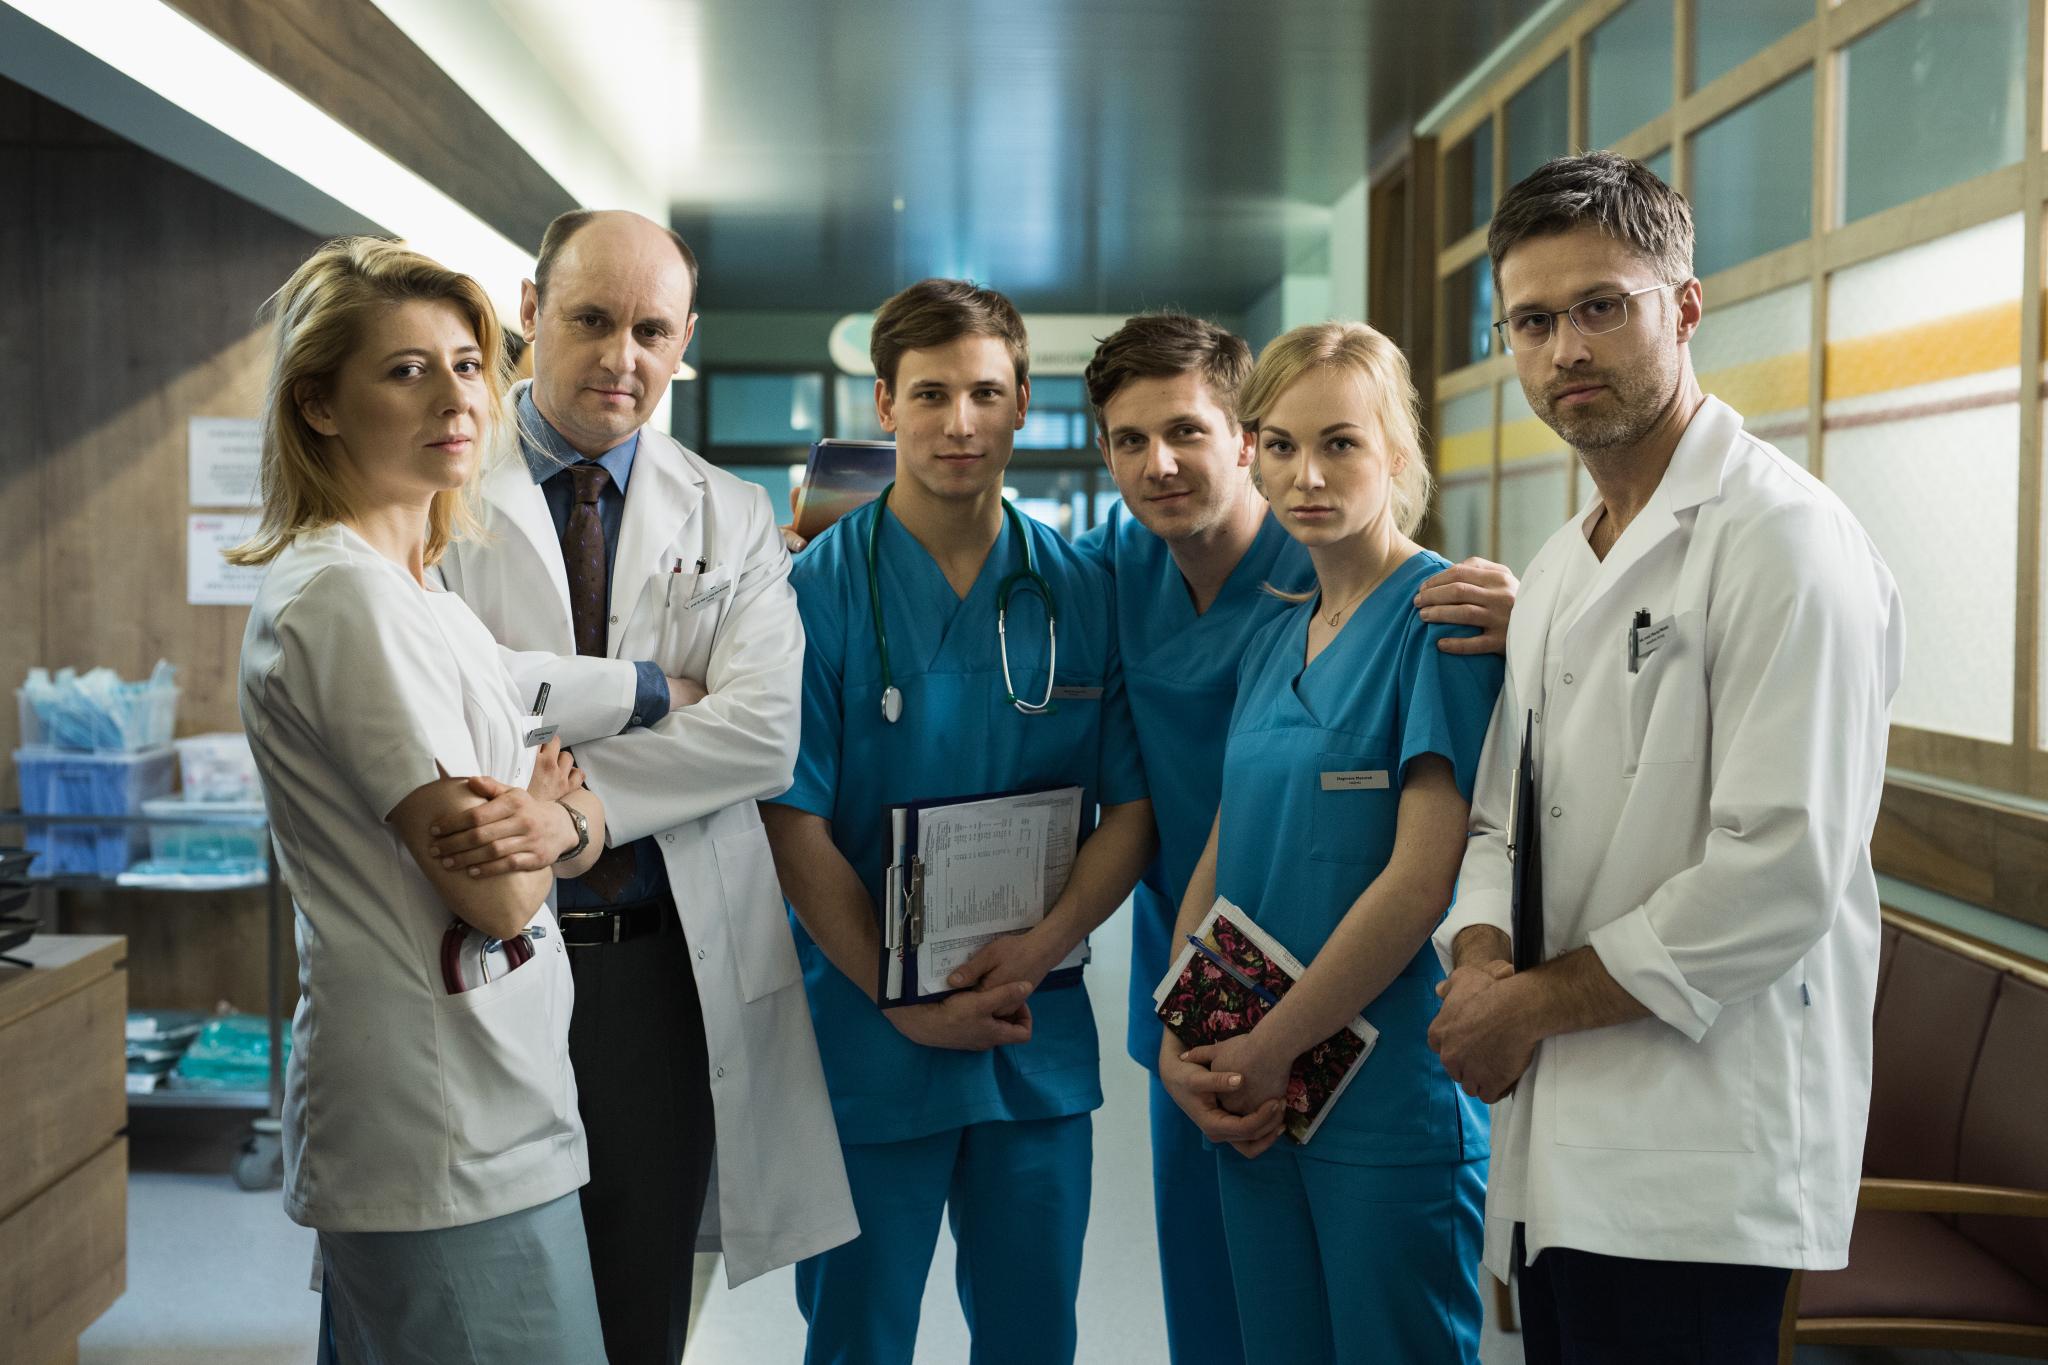 Anna Smołowik, Adam Woronowicz, Józef Pawłowski, Antoni Królikowski, Ola Adamska i Maciej Zakościelny